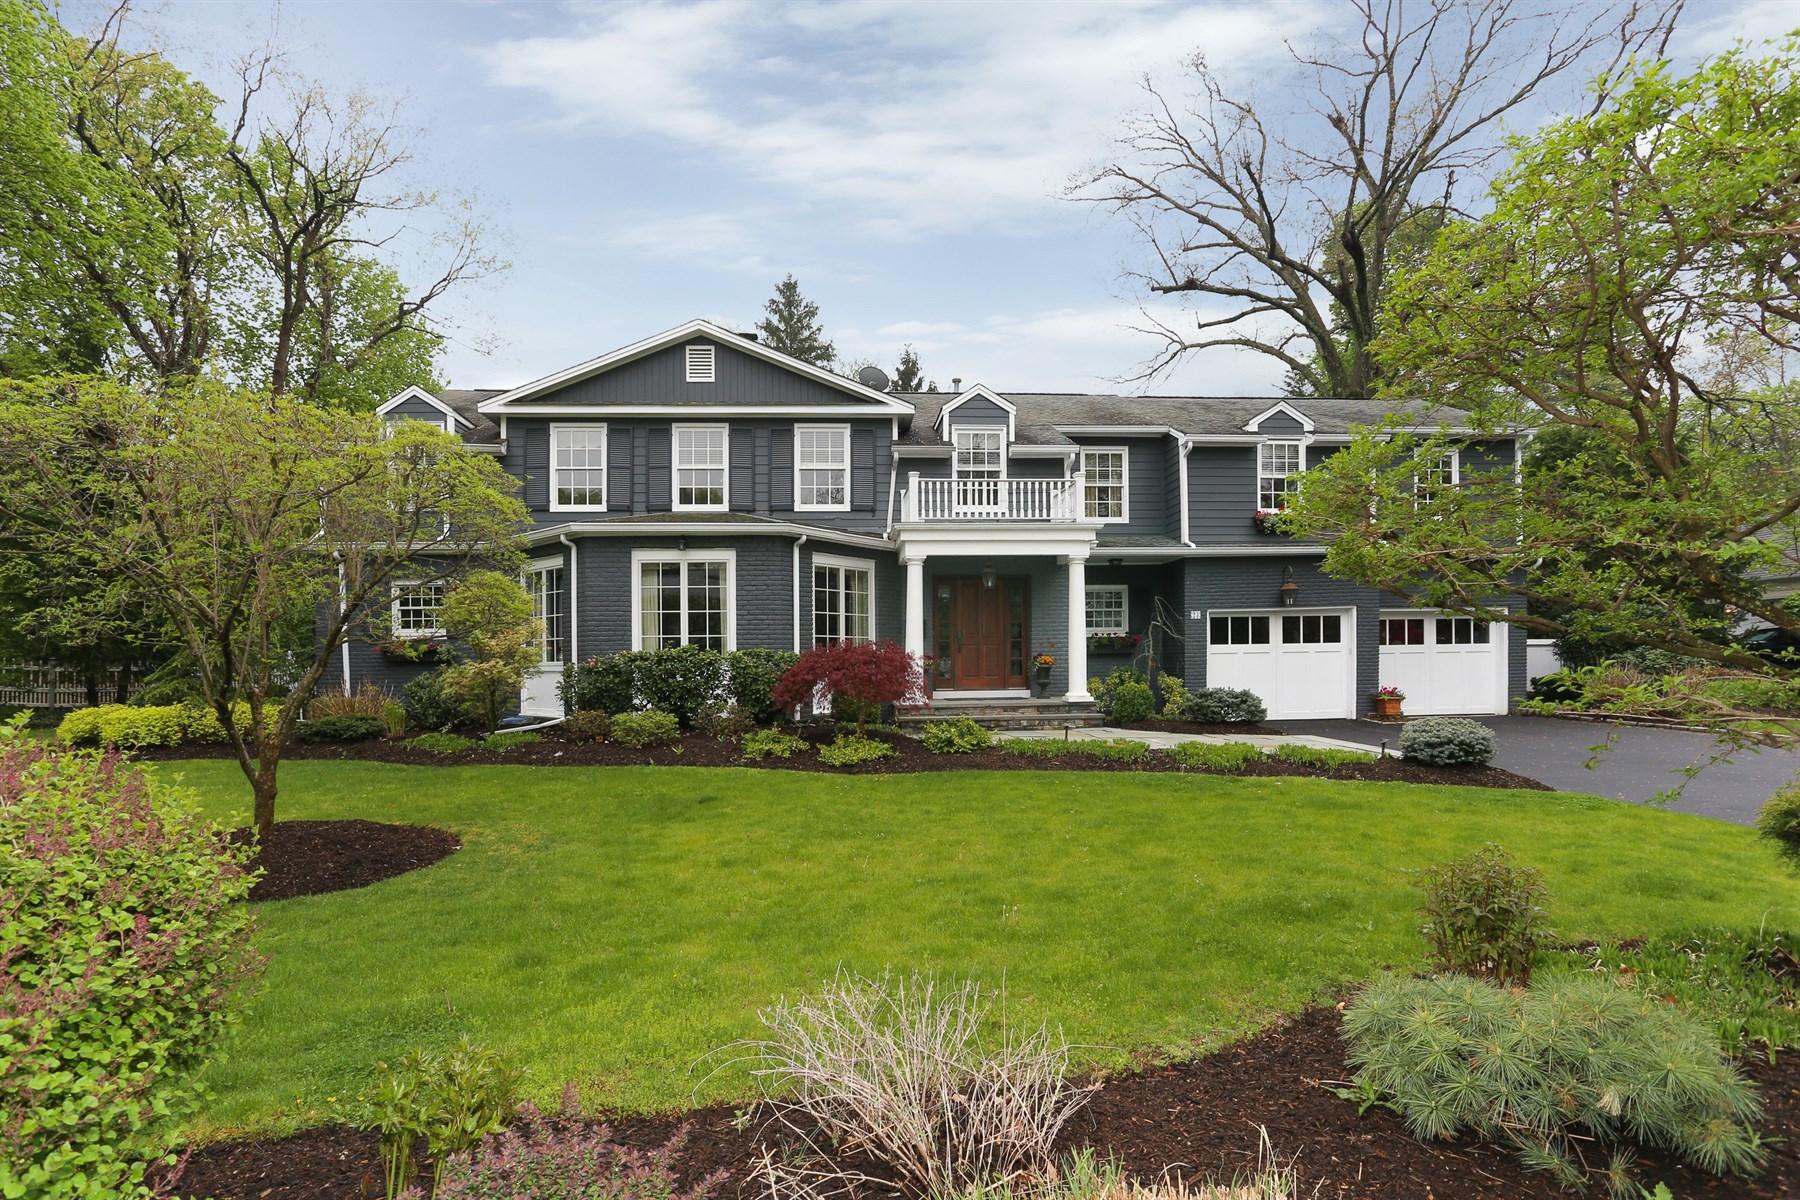 Maison unifamiliale pour l Vente à Beautifully Renovated Colonial 23 Wyndehurst Drive Madison, New Jersey, 07940 États-Unis